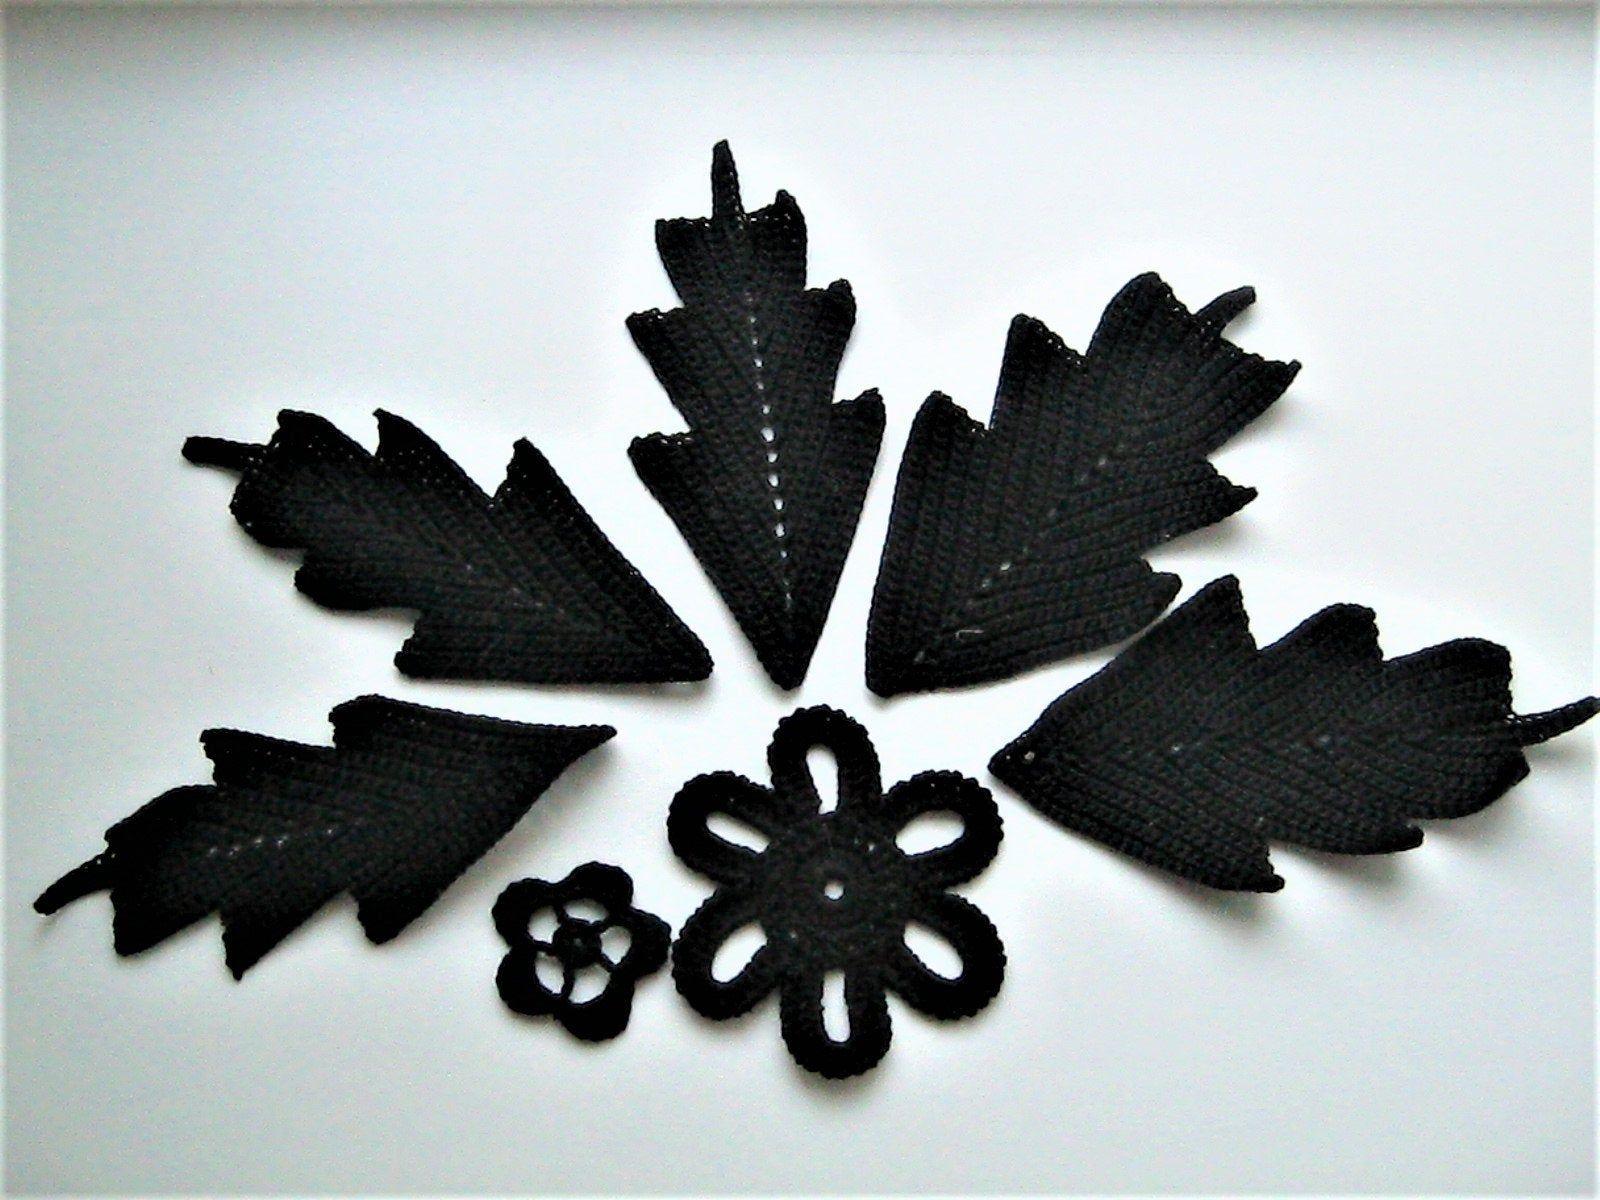 Crochet black flower and leaves motives, black flower and leaves applique, Irish lace cotton dentelle, scrapbook crochet elements #crochetelements